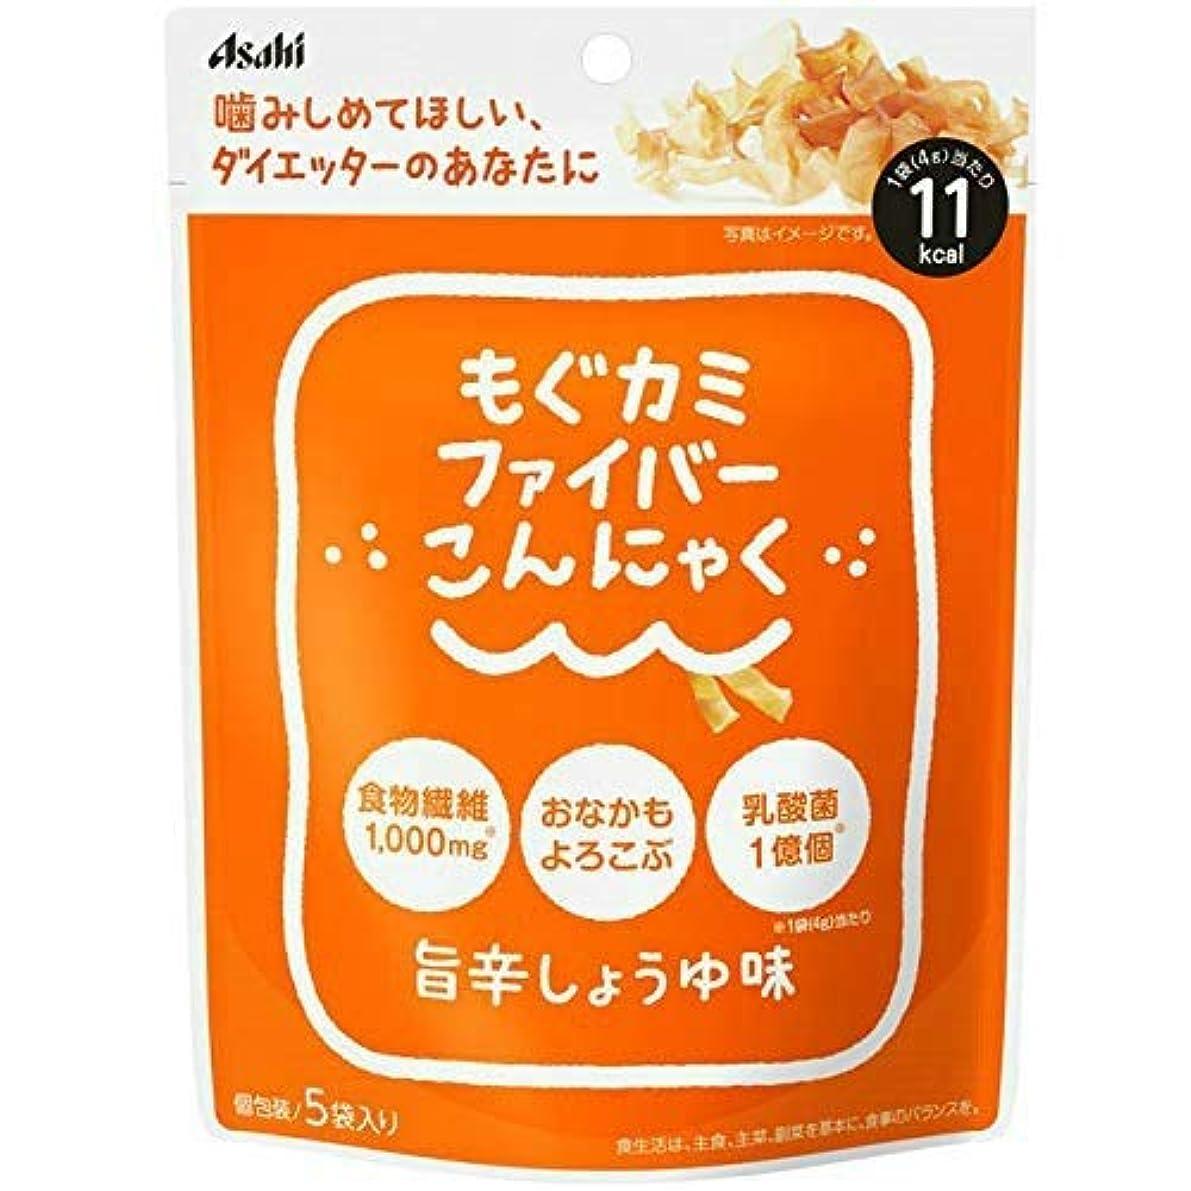 流出戻る裸◆アサヒグループ食品 もぐカミファイバーこんにゃく 旨辛しょうゆ味 4g×5袋